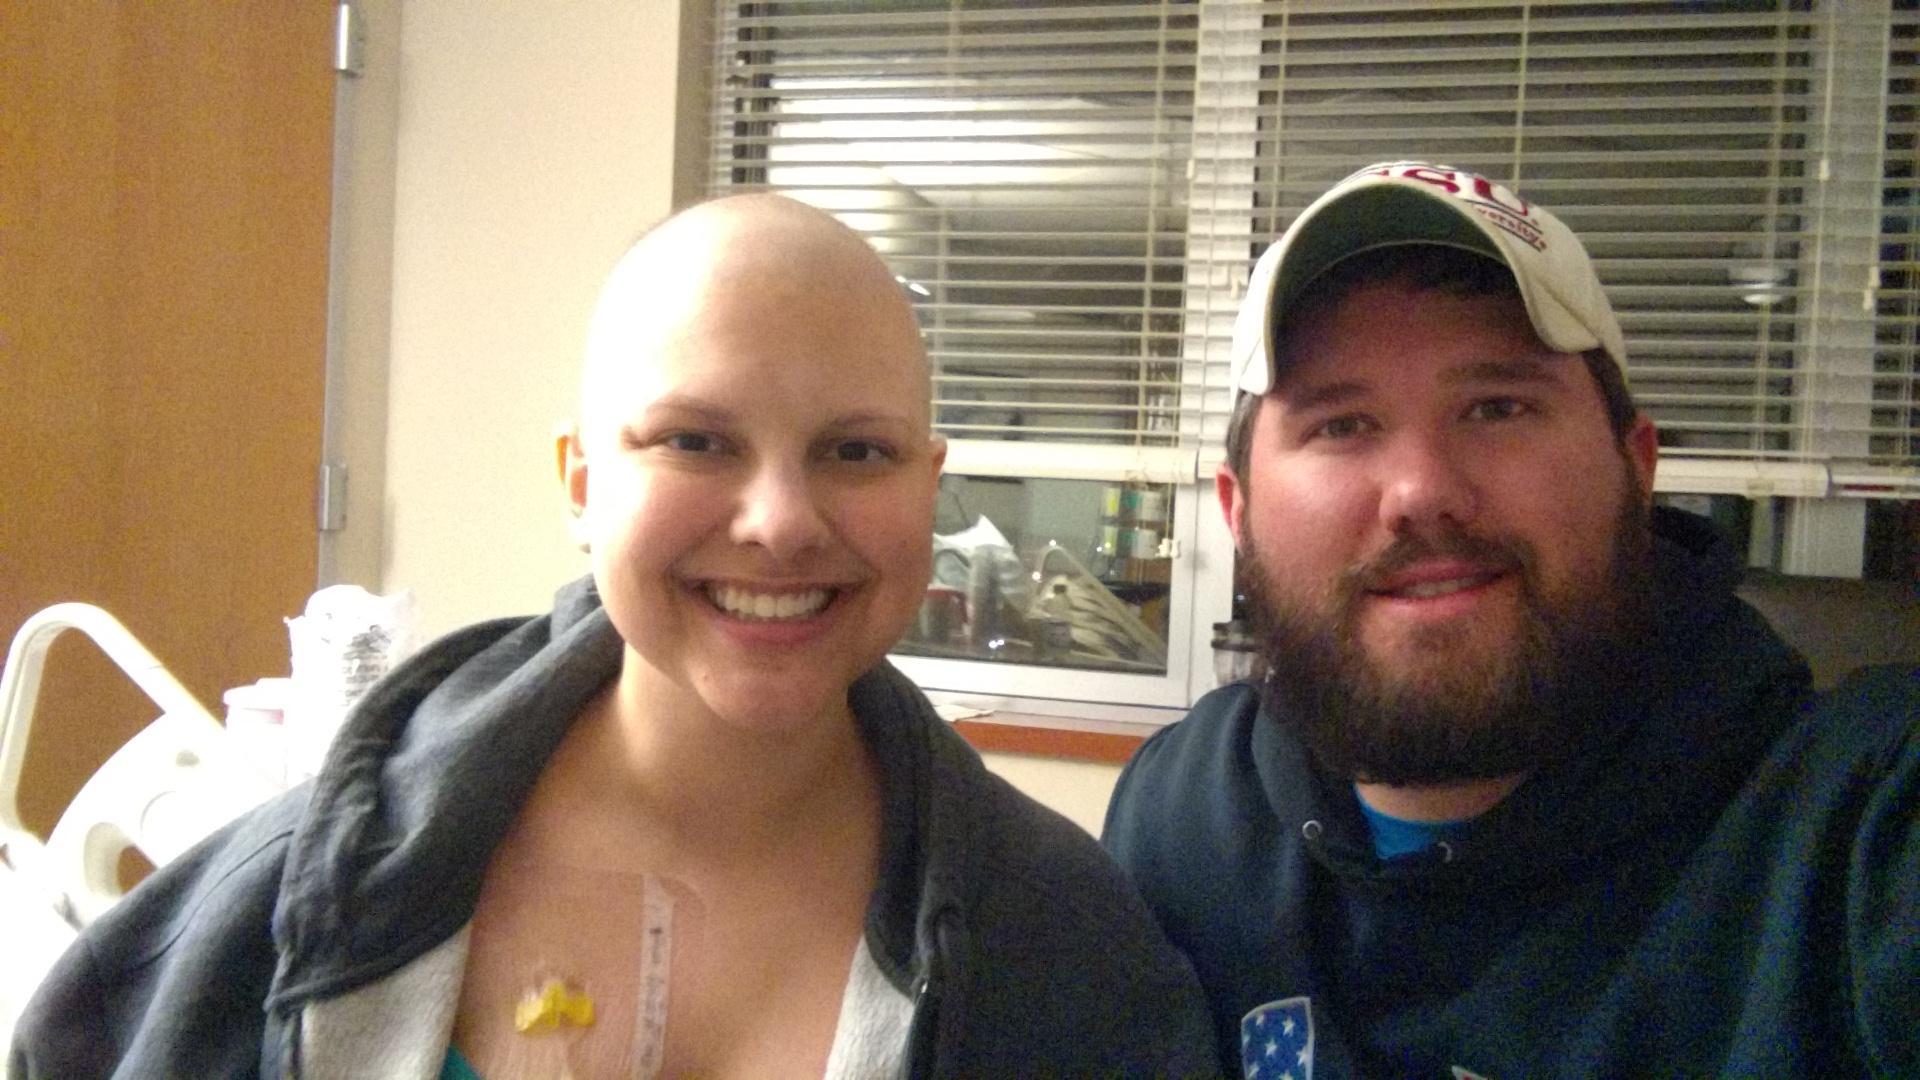 Patient Katie Warren is pictured with her husband, Wil.